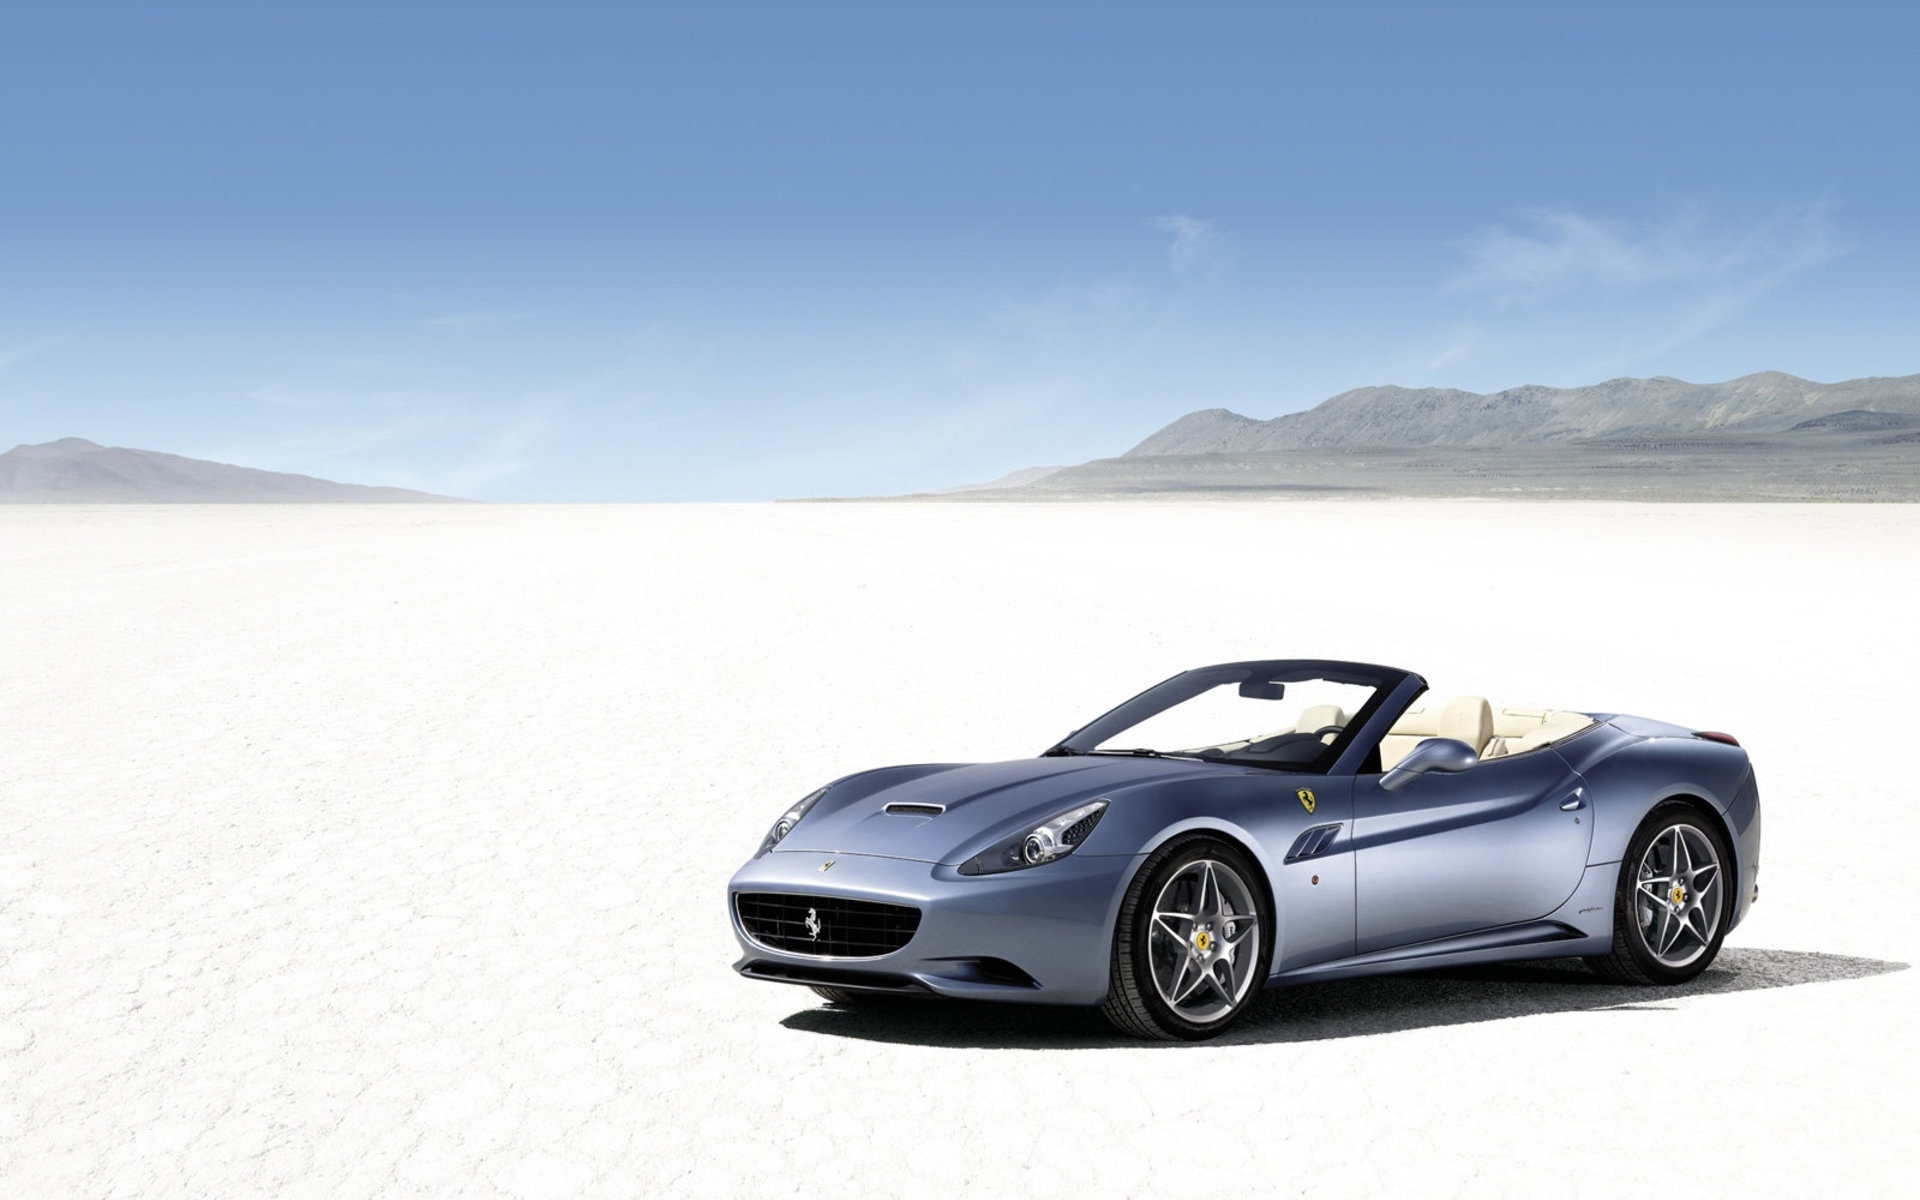 42255 скачать обои Транспорт, Машины, Феррари (Ferrari) - заставки и картинки бесплатно